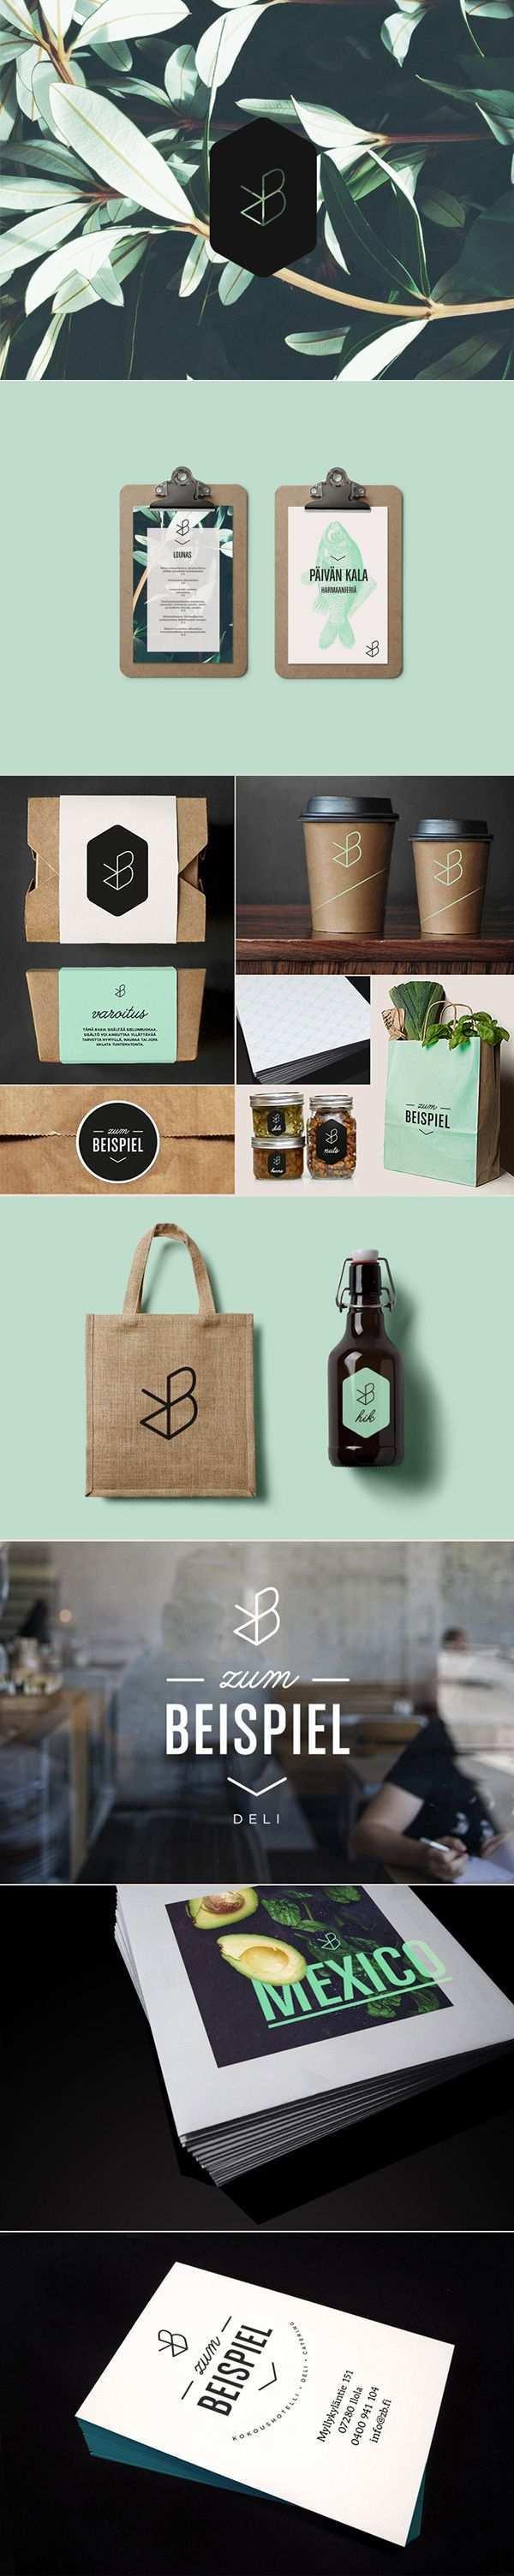 Zum Beispiel Identity On Behance Branding Design Inspiration Graphic Design Branding Identity Design